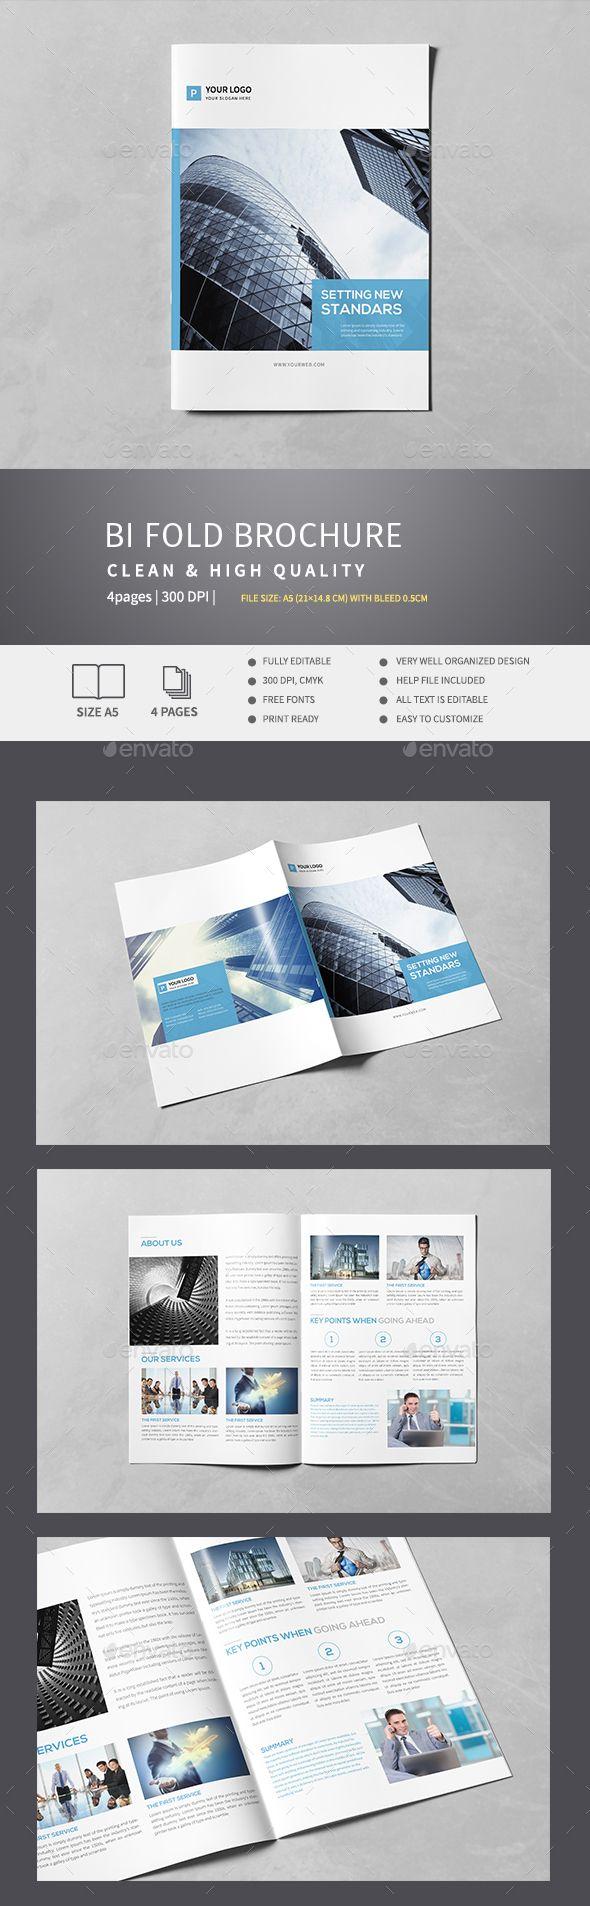 Corporate Bi-Fold Brochure v.3